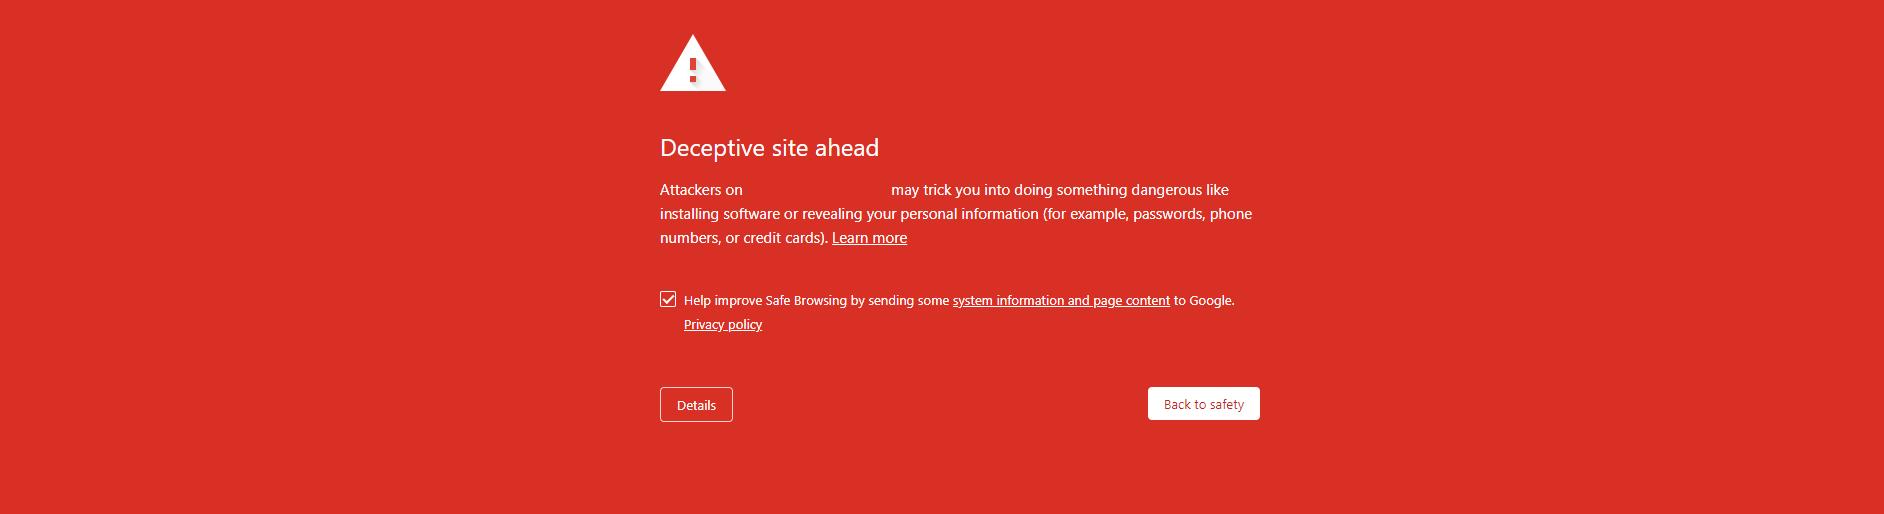 unsafe website